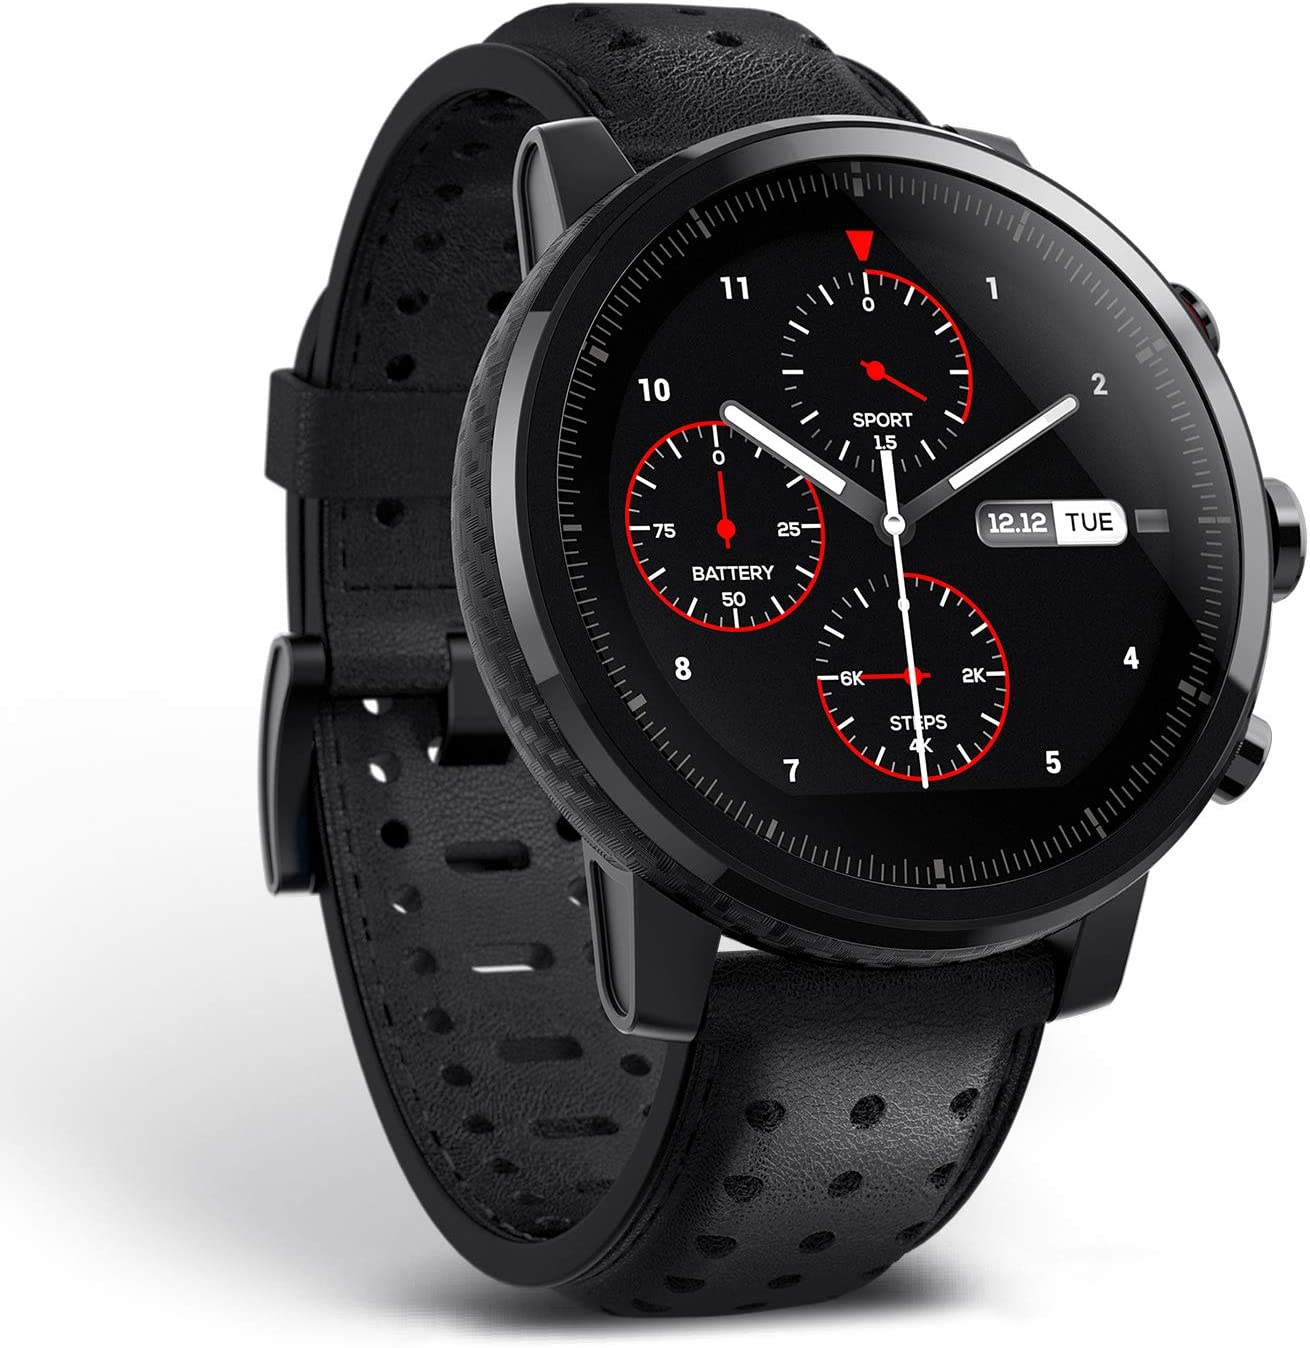 Amazfit Stratos 2s reloj inteligente premium multideporte con GPS impermeable Fitness actividad Tracker, Hearth Rate Podómetro para iOS y Android dispositivo, seguimiento 12 + diferentes modos